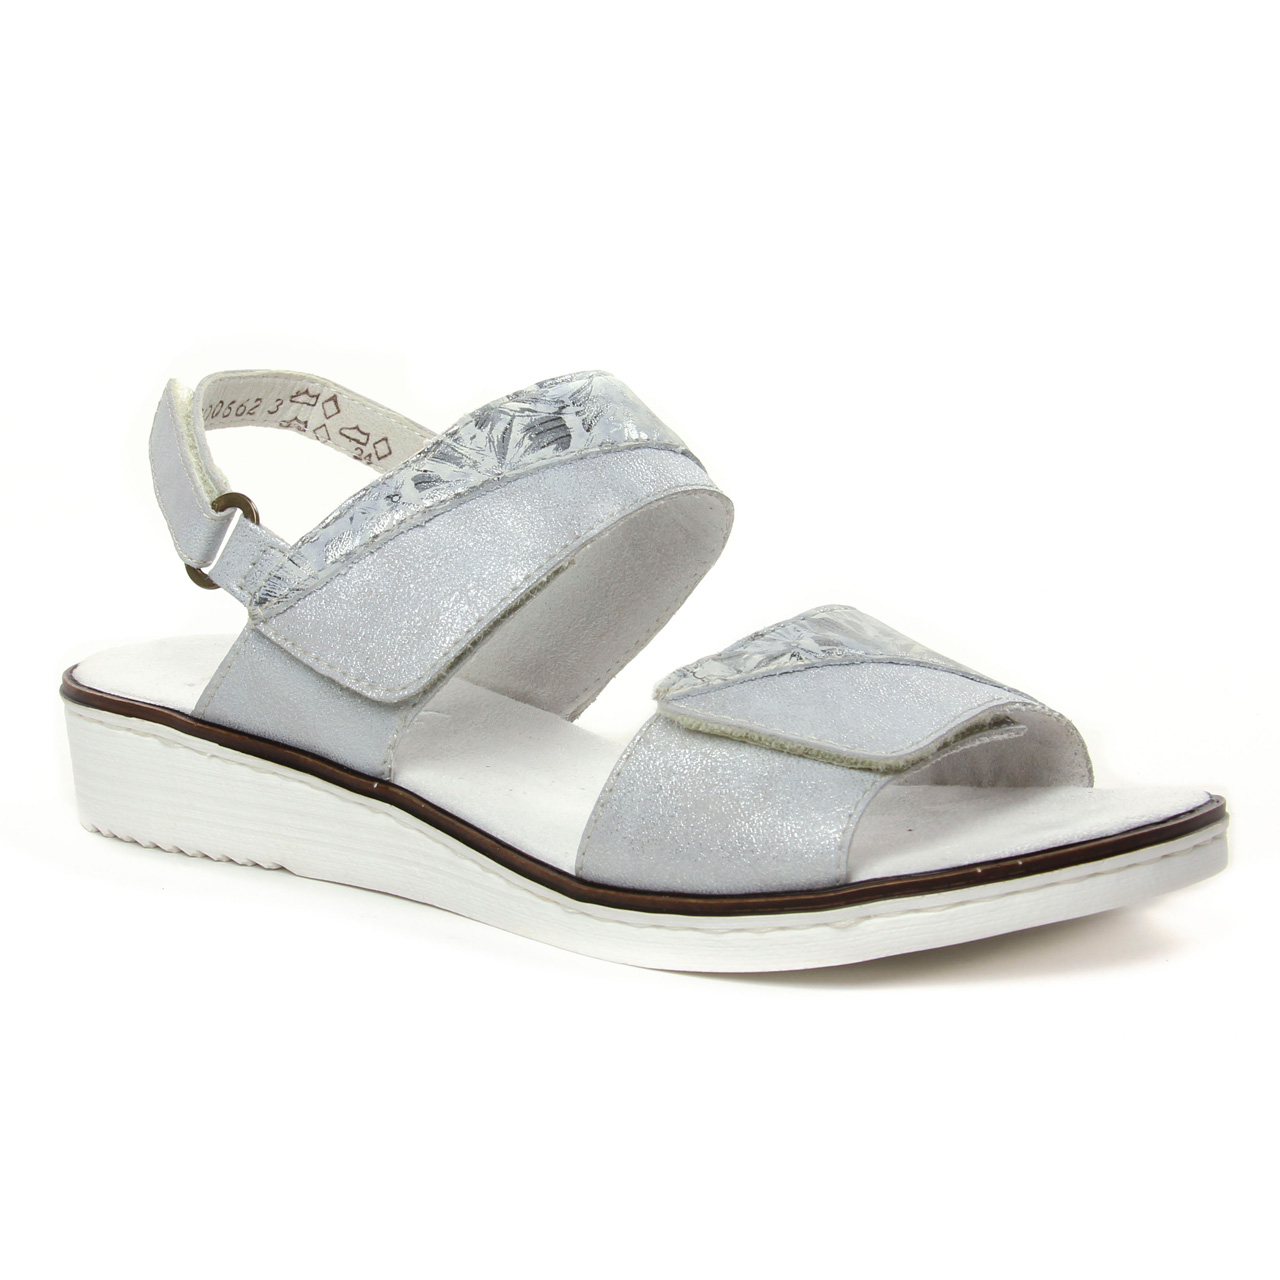 Rieker 636G9 80 Ice   sandales gris argent printemps été